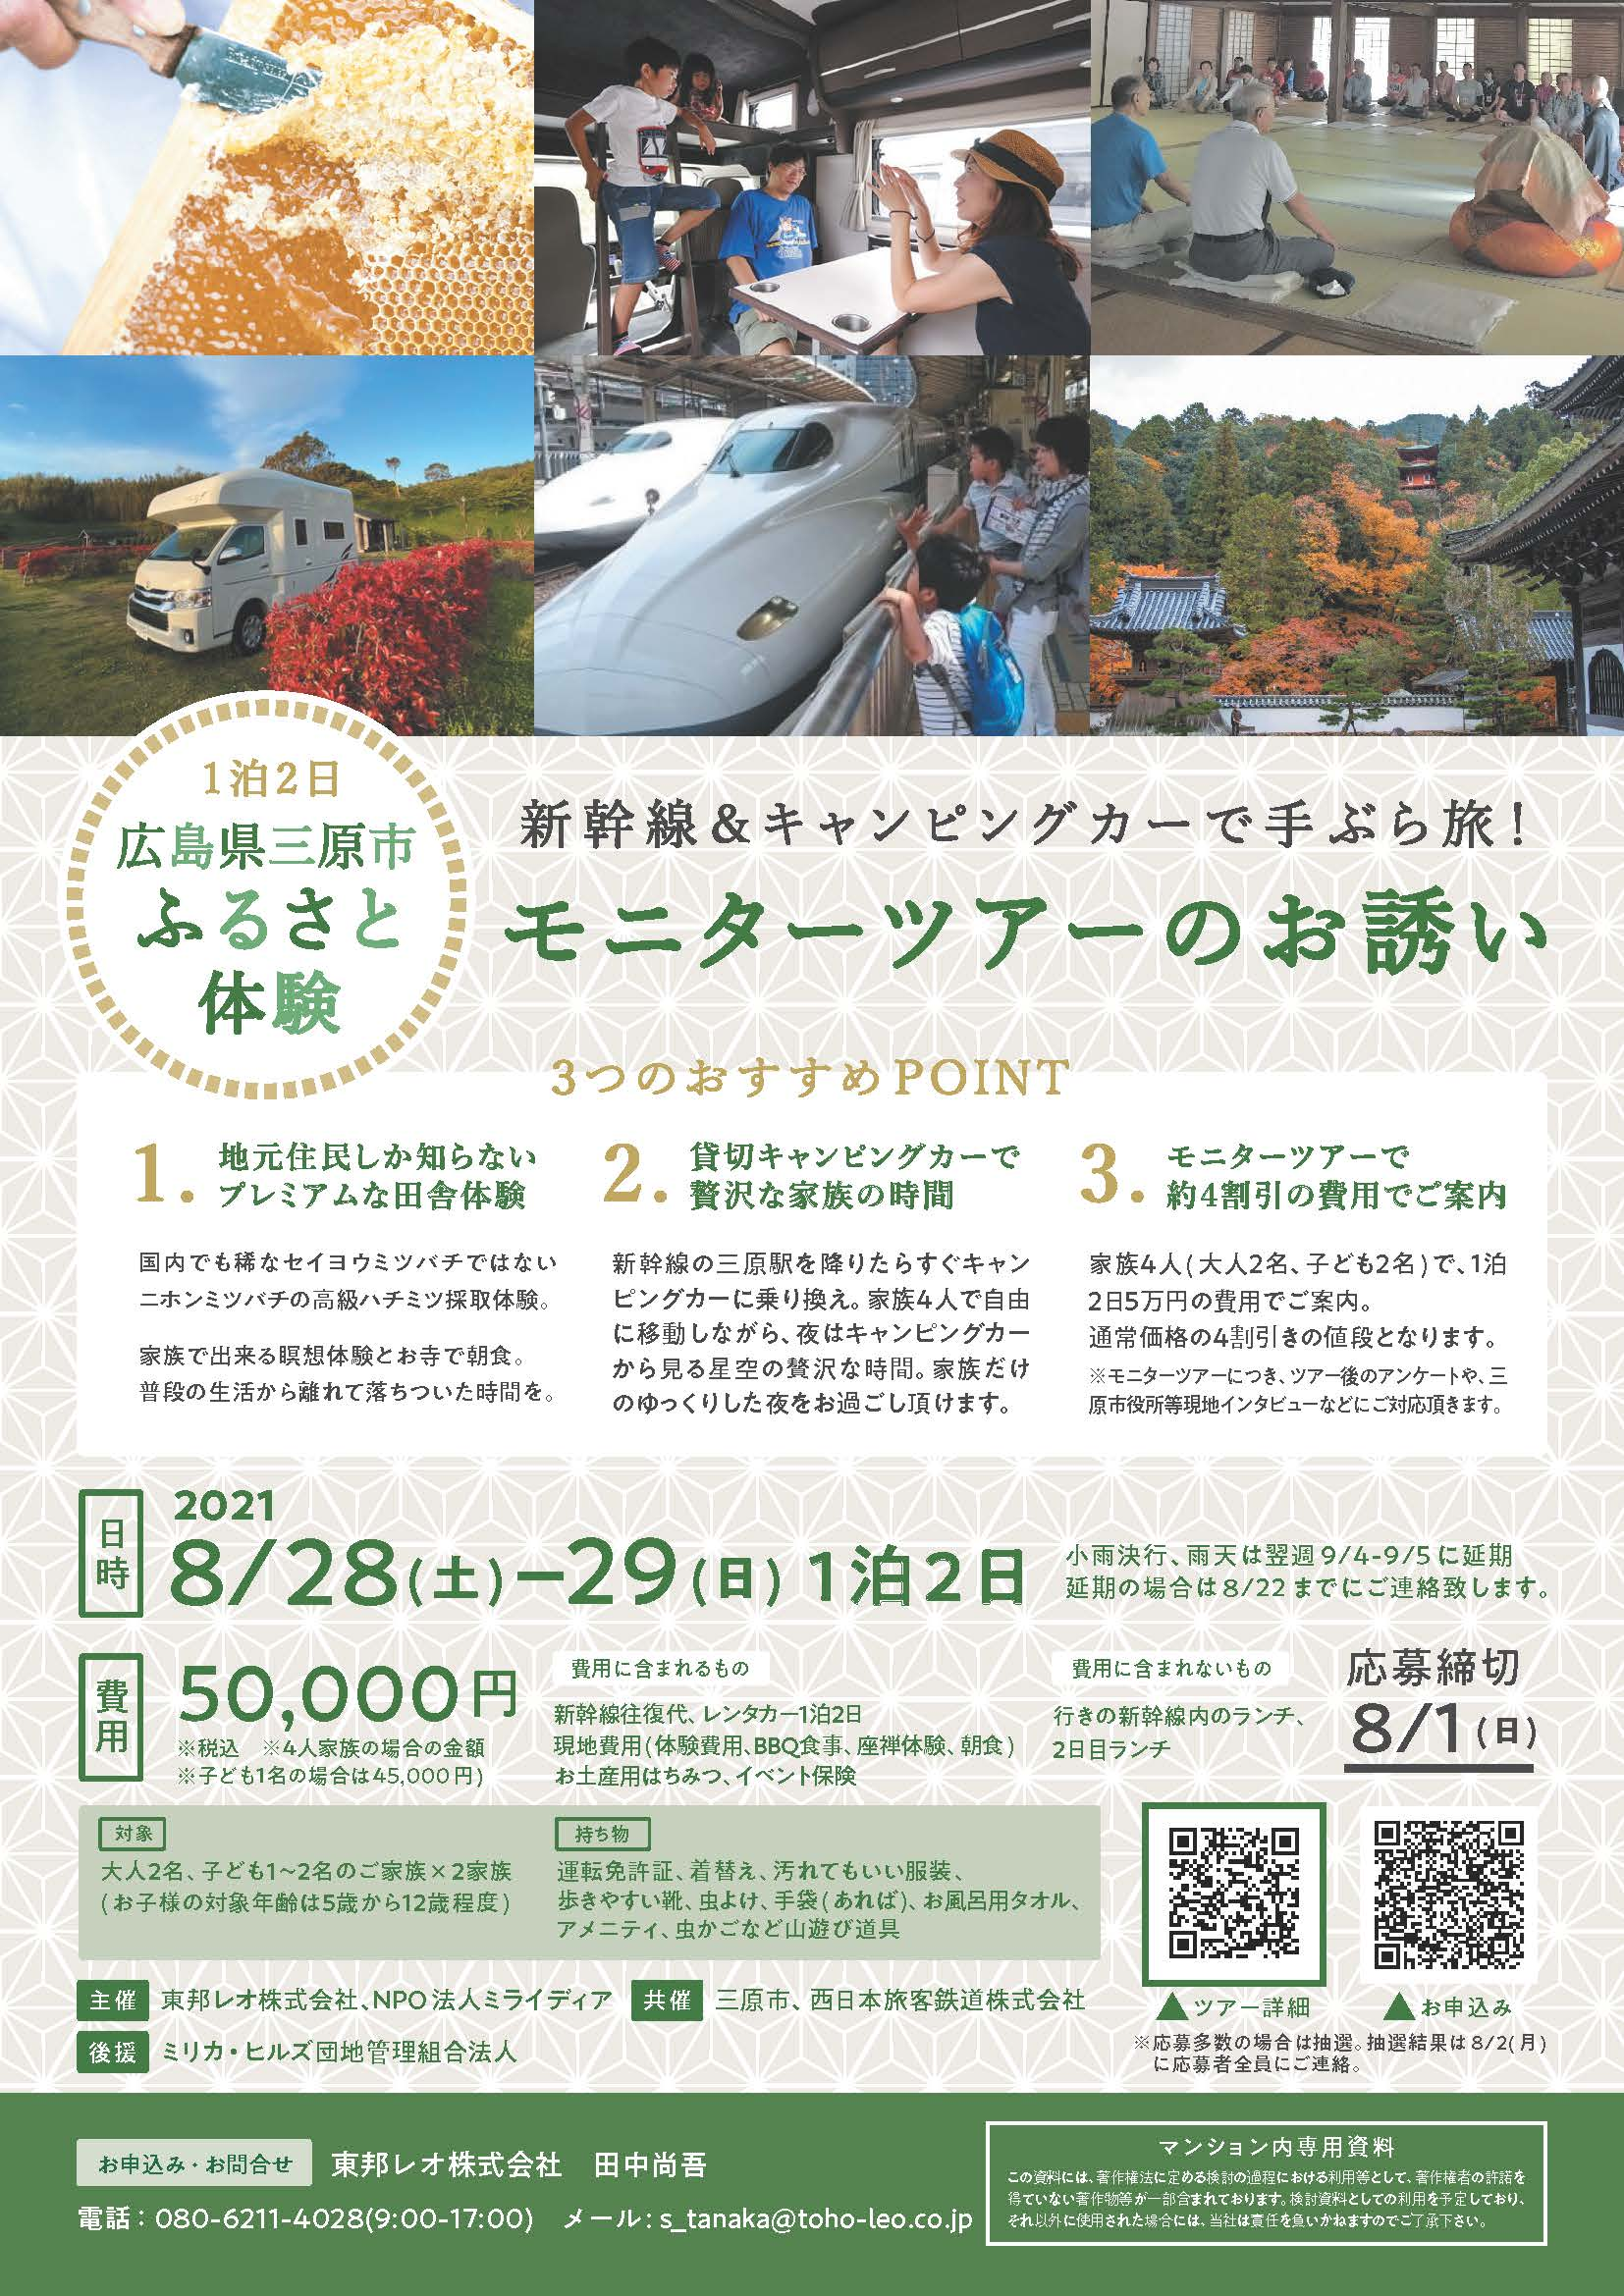 広島県三原市ふるさと体験ツアー モニター募集について